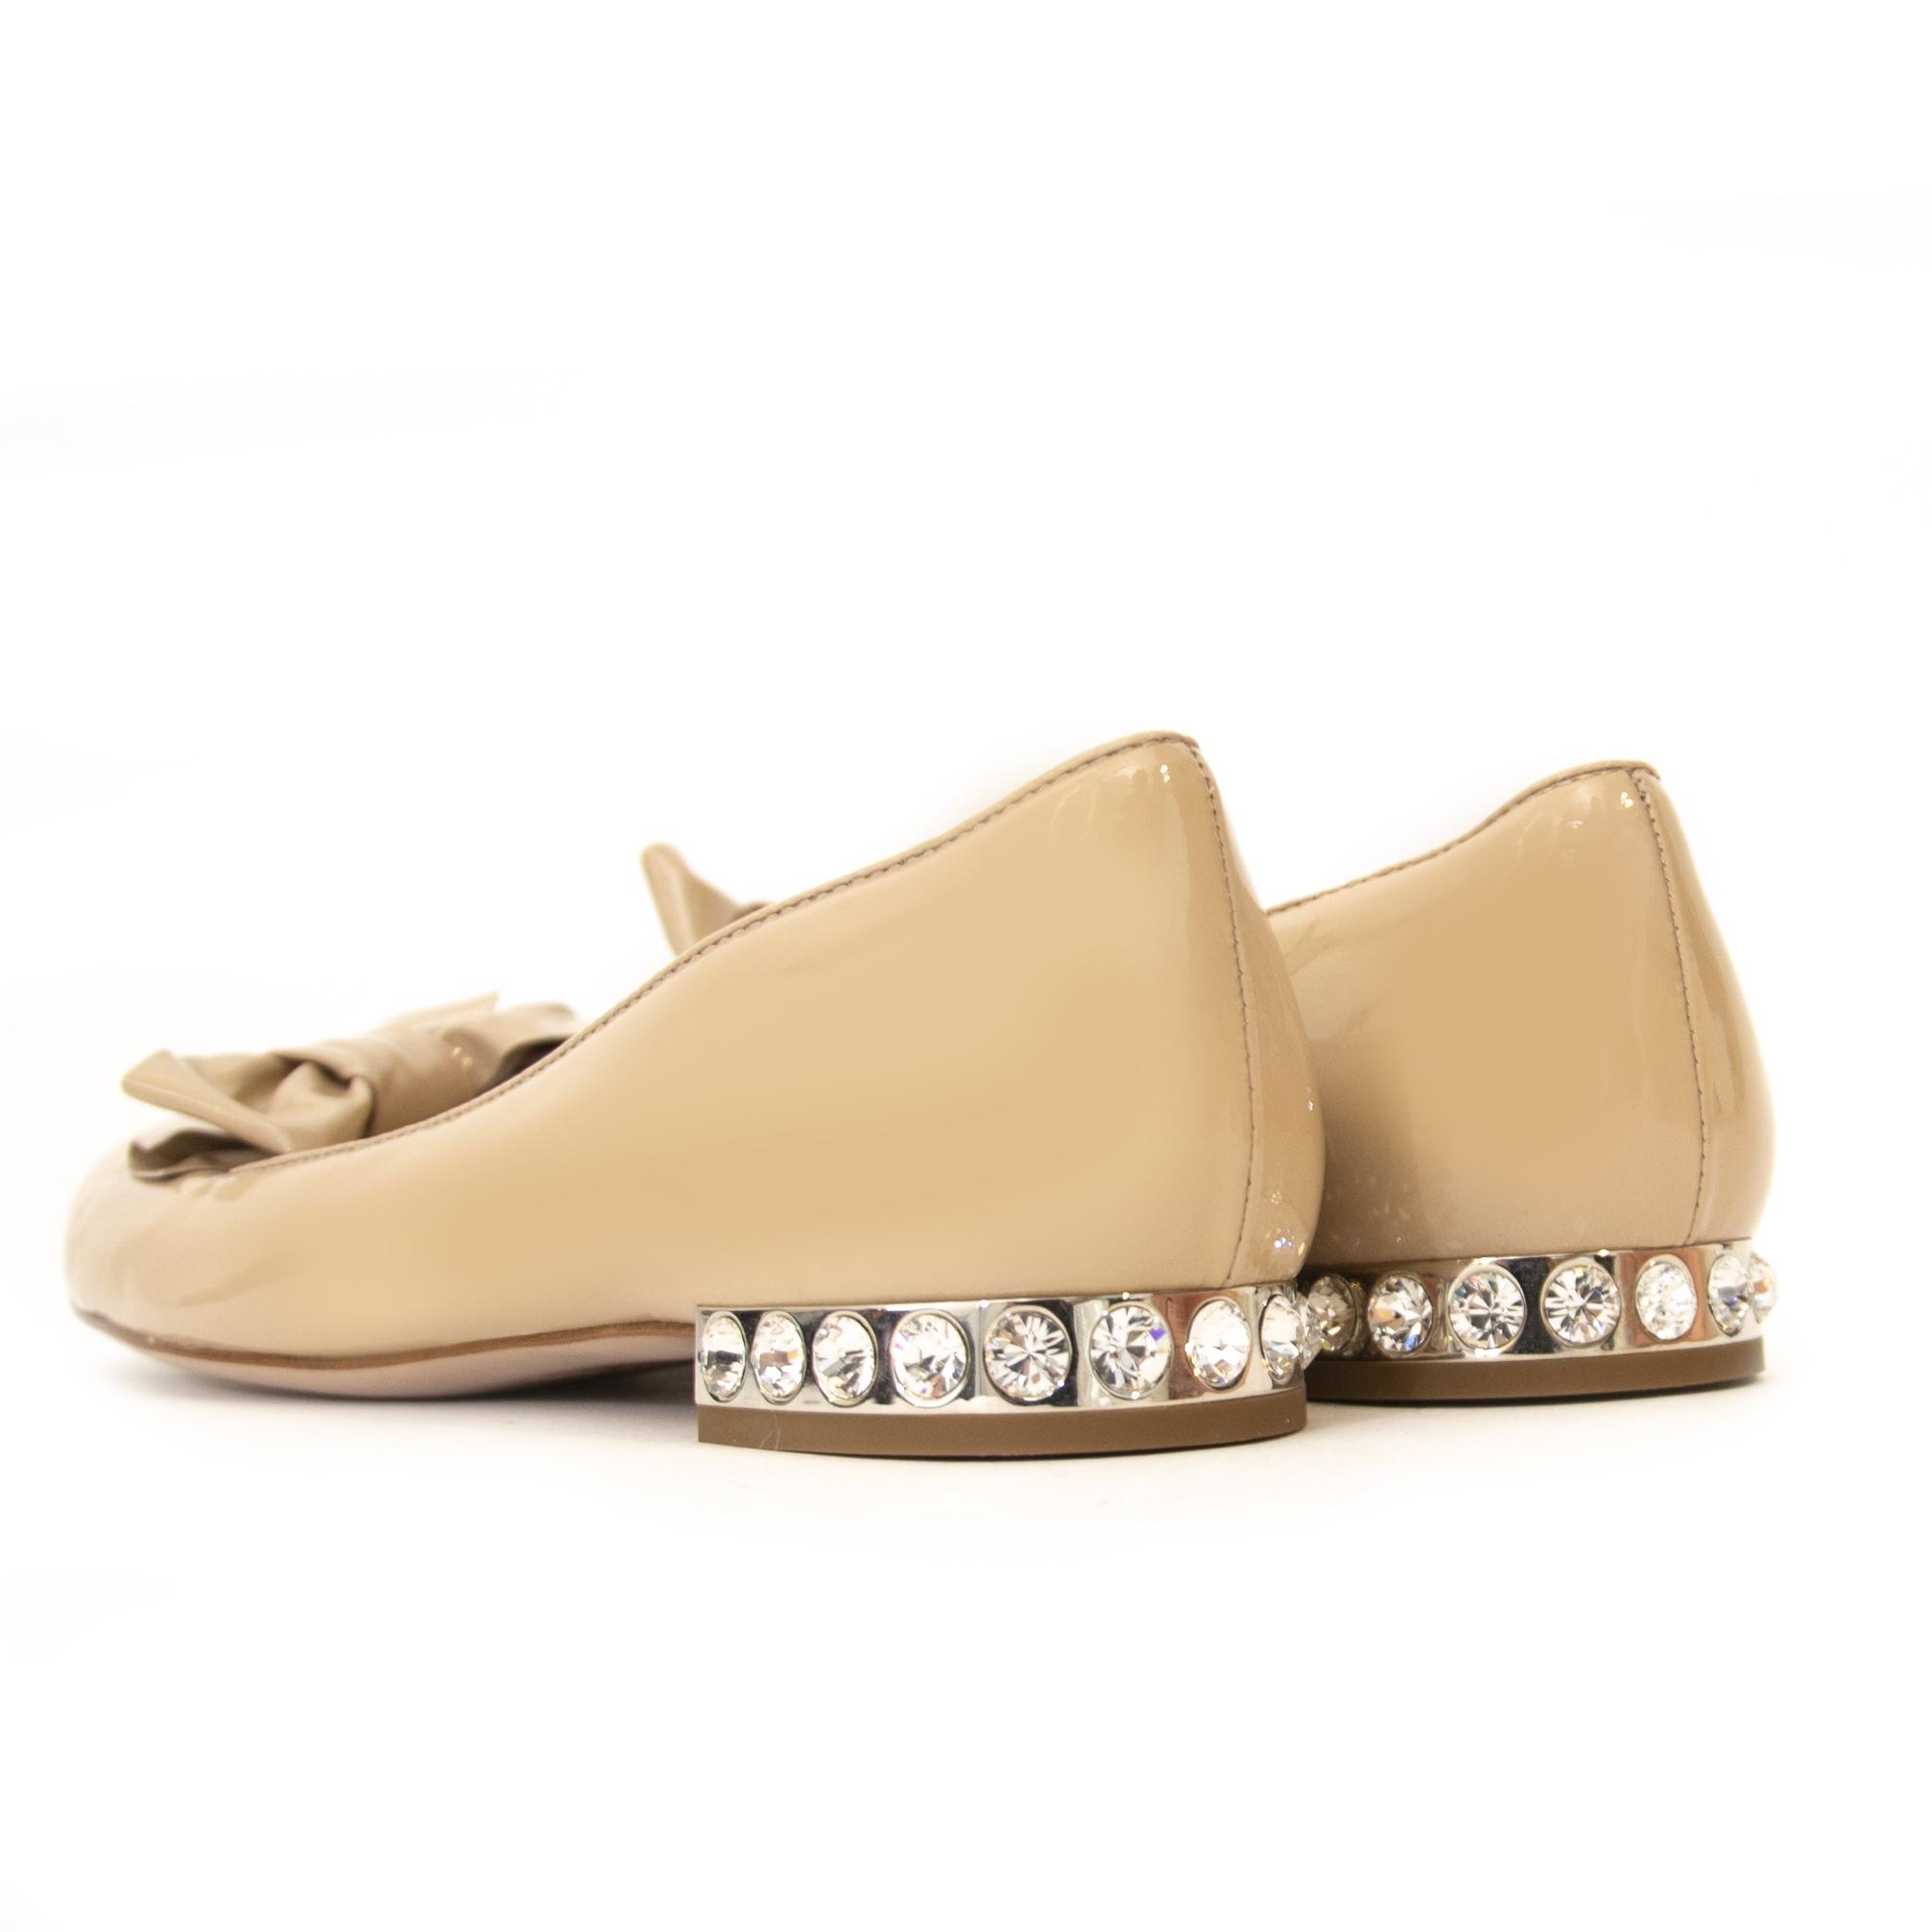 Miu Miu Beige Patent Jewel Heel Flats - Size 37 en ligne chez labellov.com pour le meileur prix